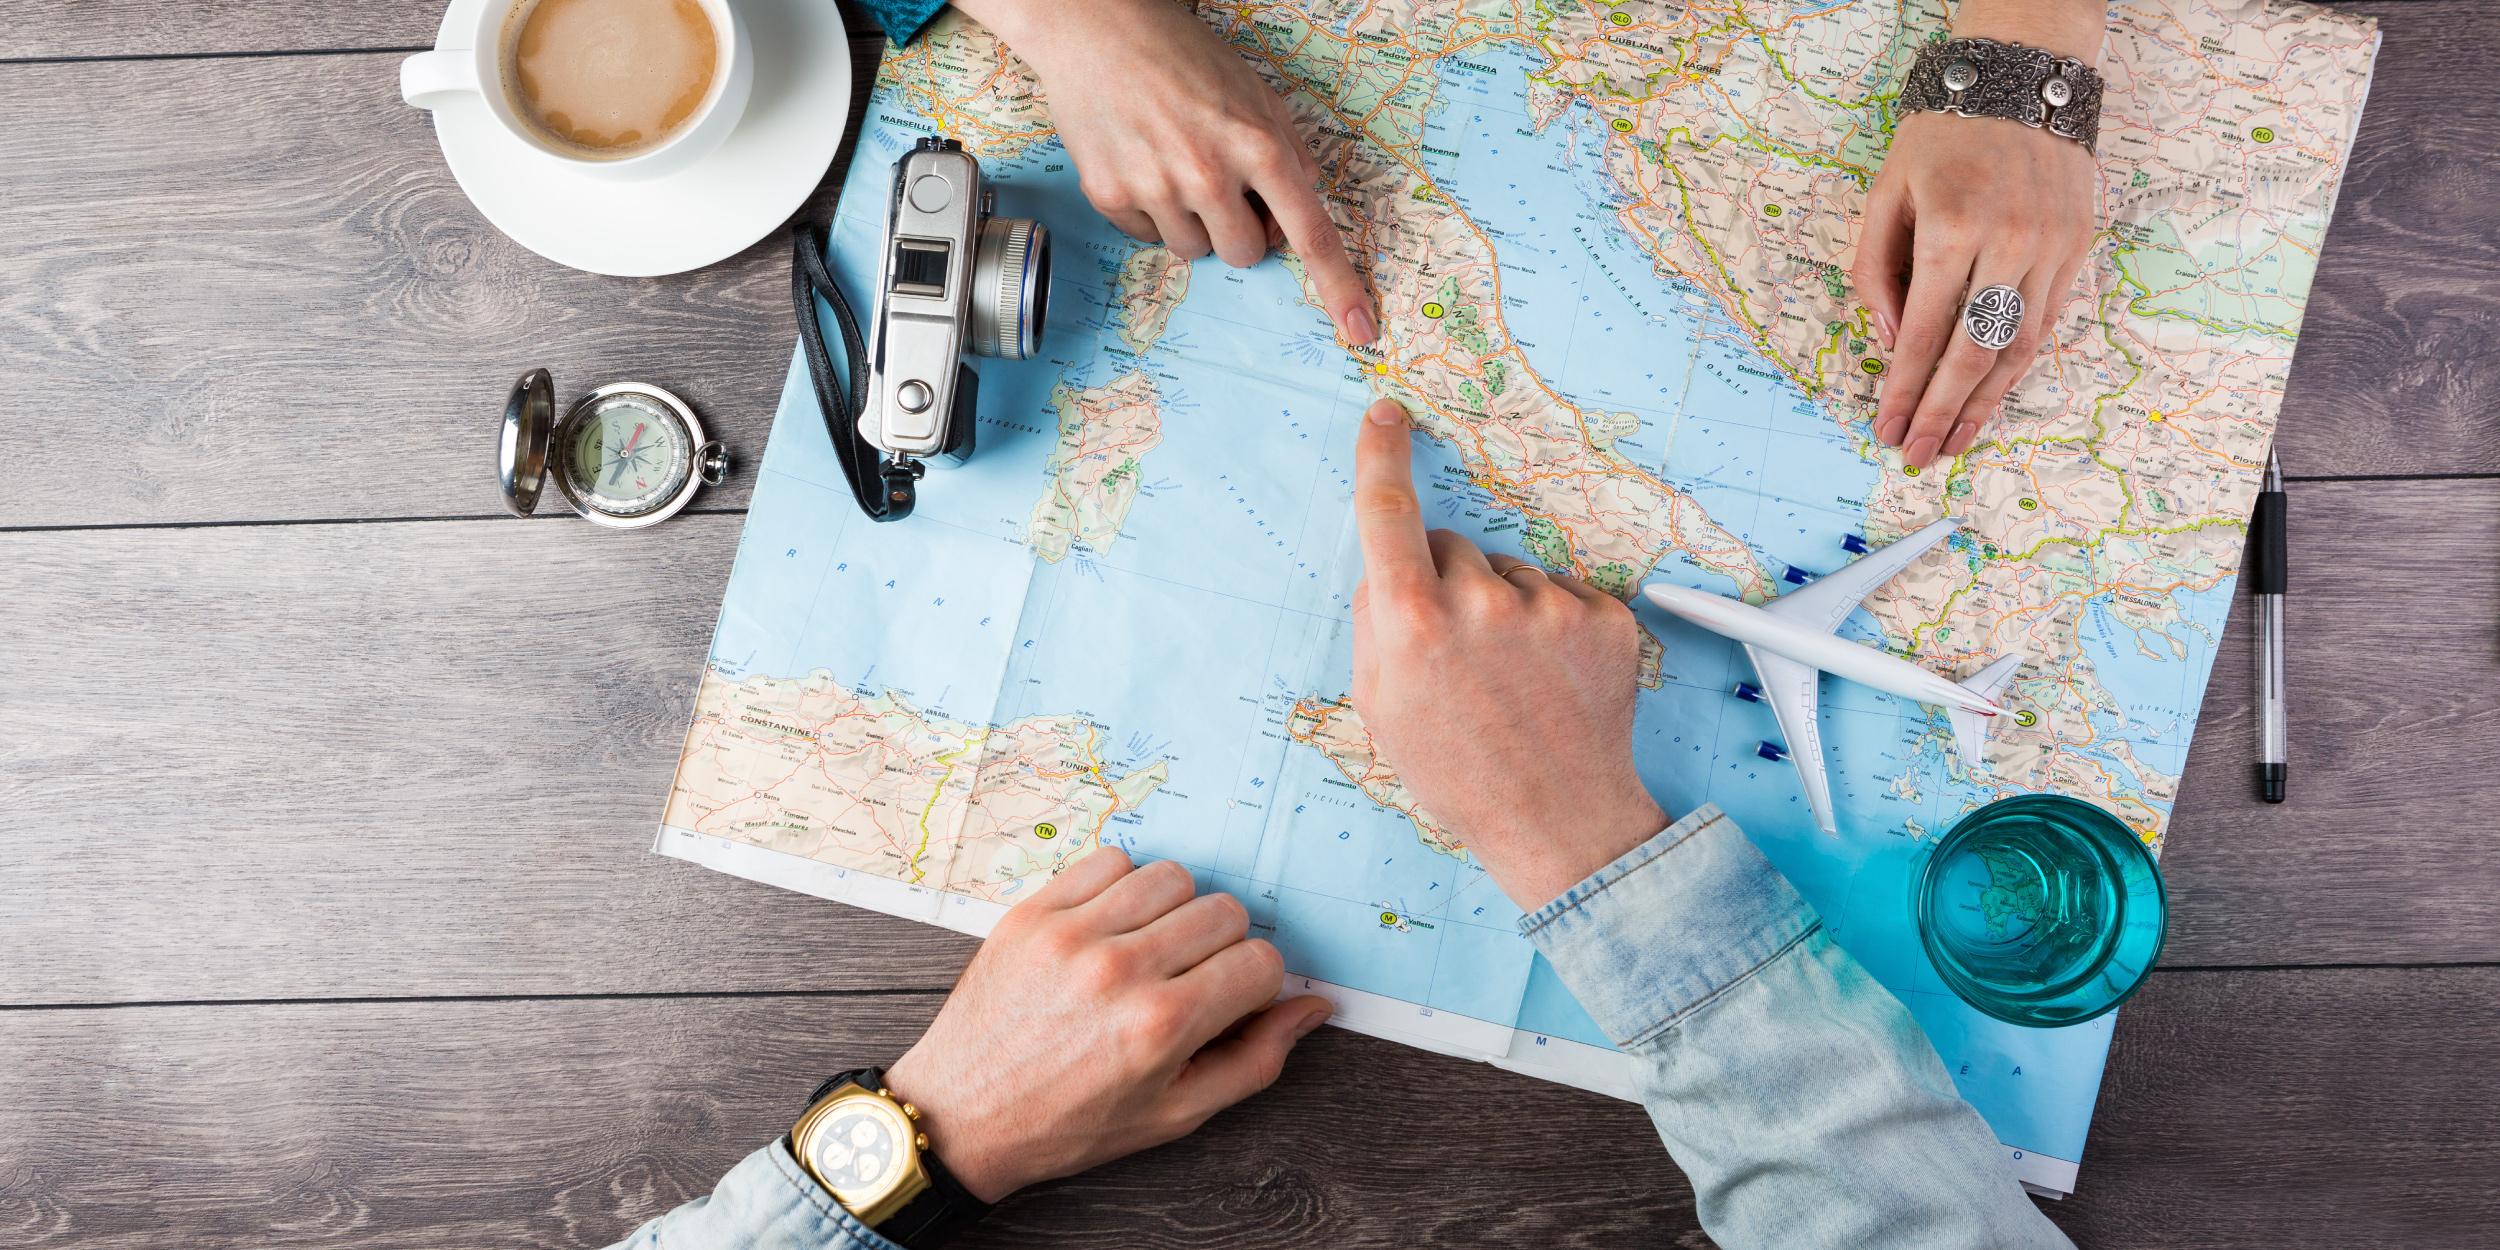 Сам себе турагент, или Как организовать бюджетный отпуск